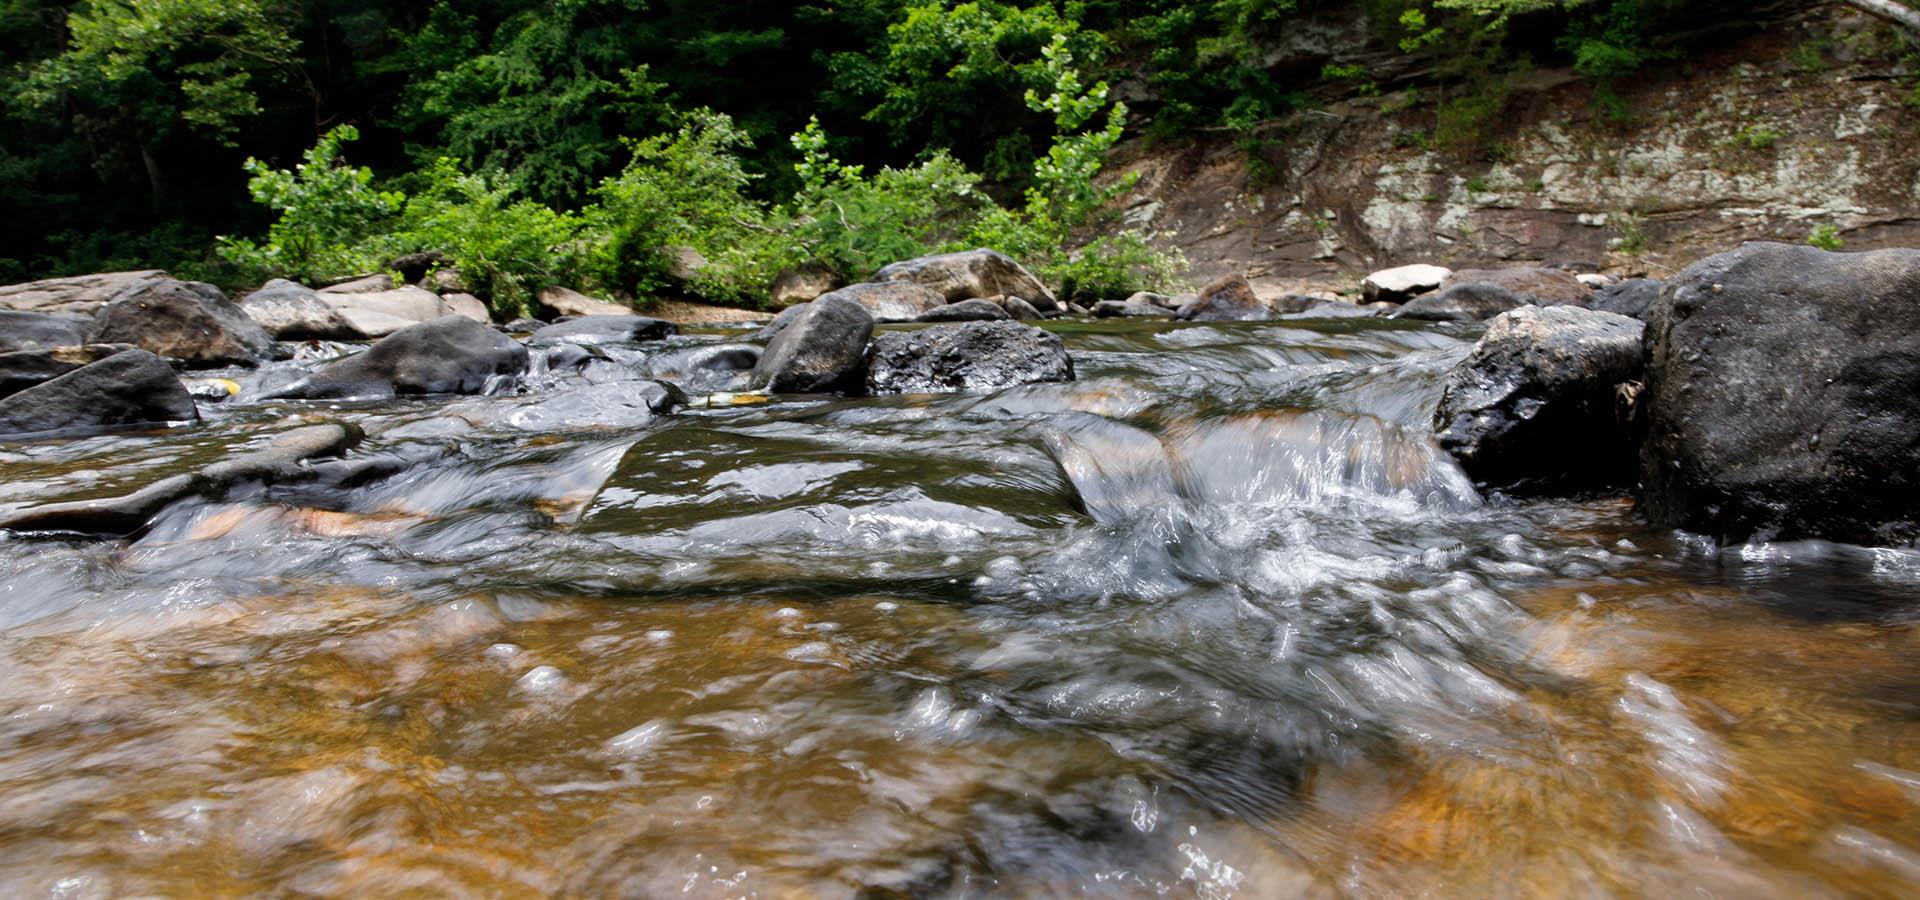 water flows through a creek